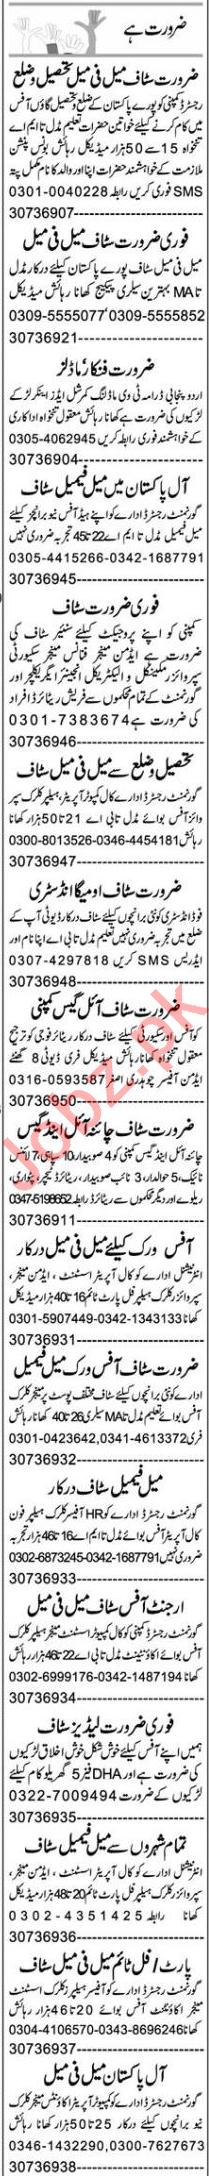 Recovery Officer & Admin Officer Jobs 2020 in Multan